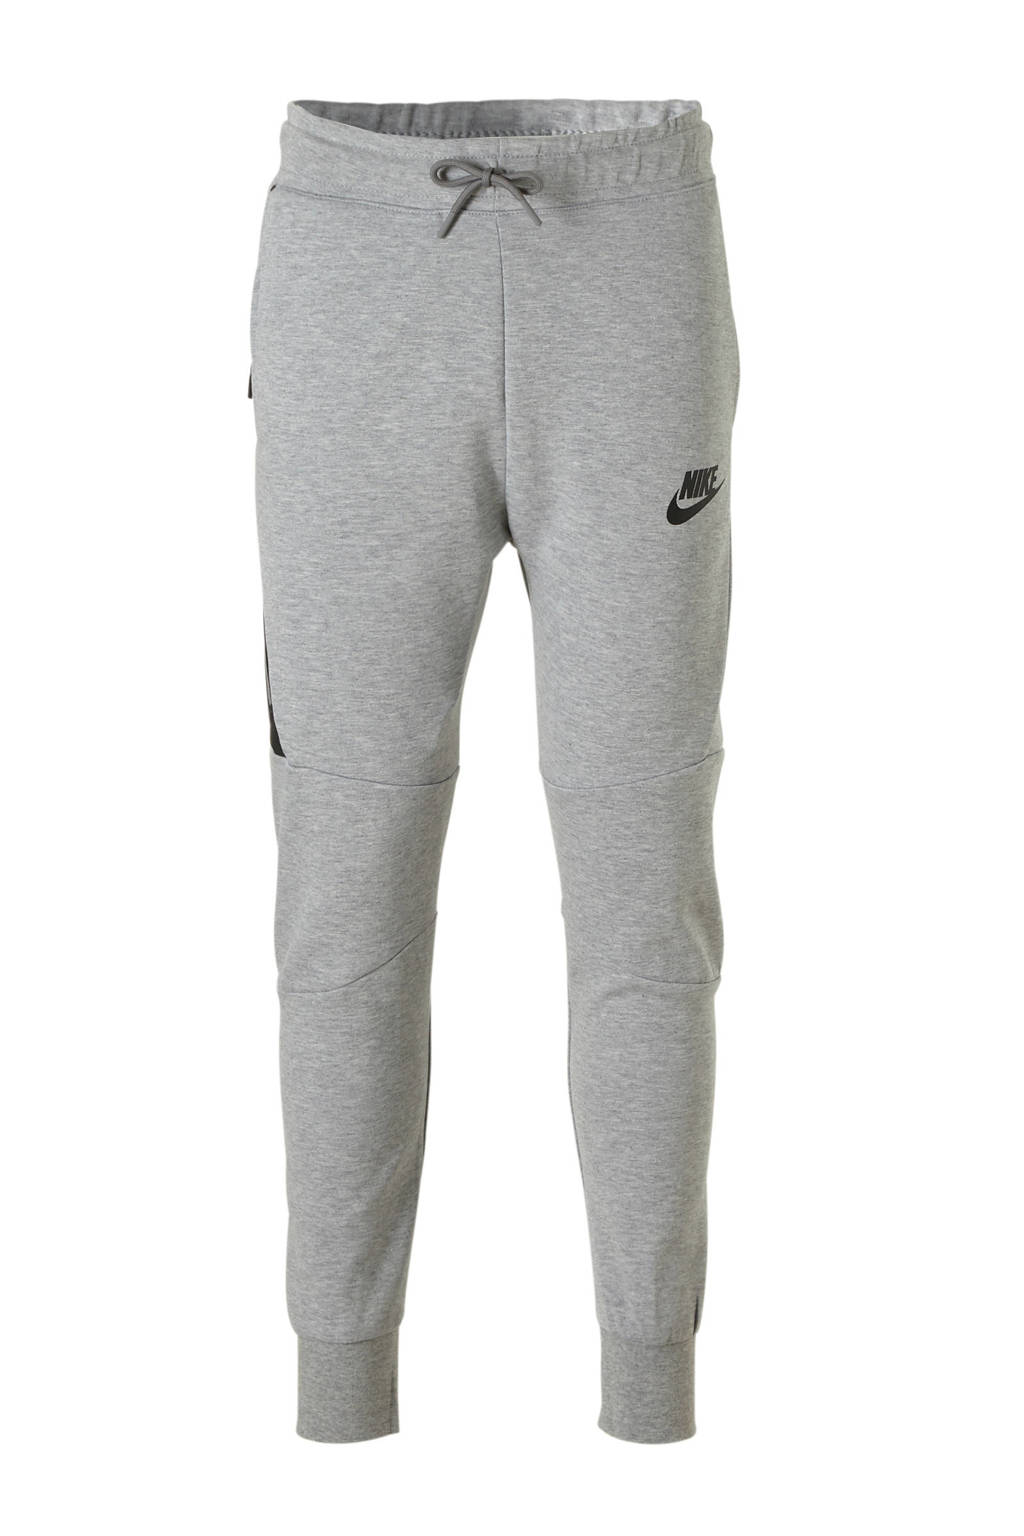 Nike Tech Fleece joggingbroek grijs/zwart, Grijs/zwart